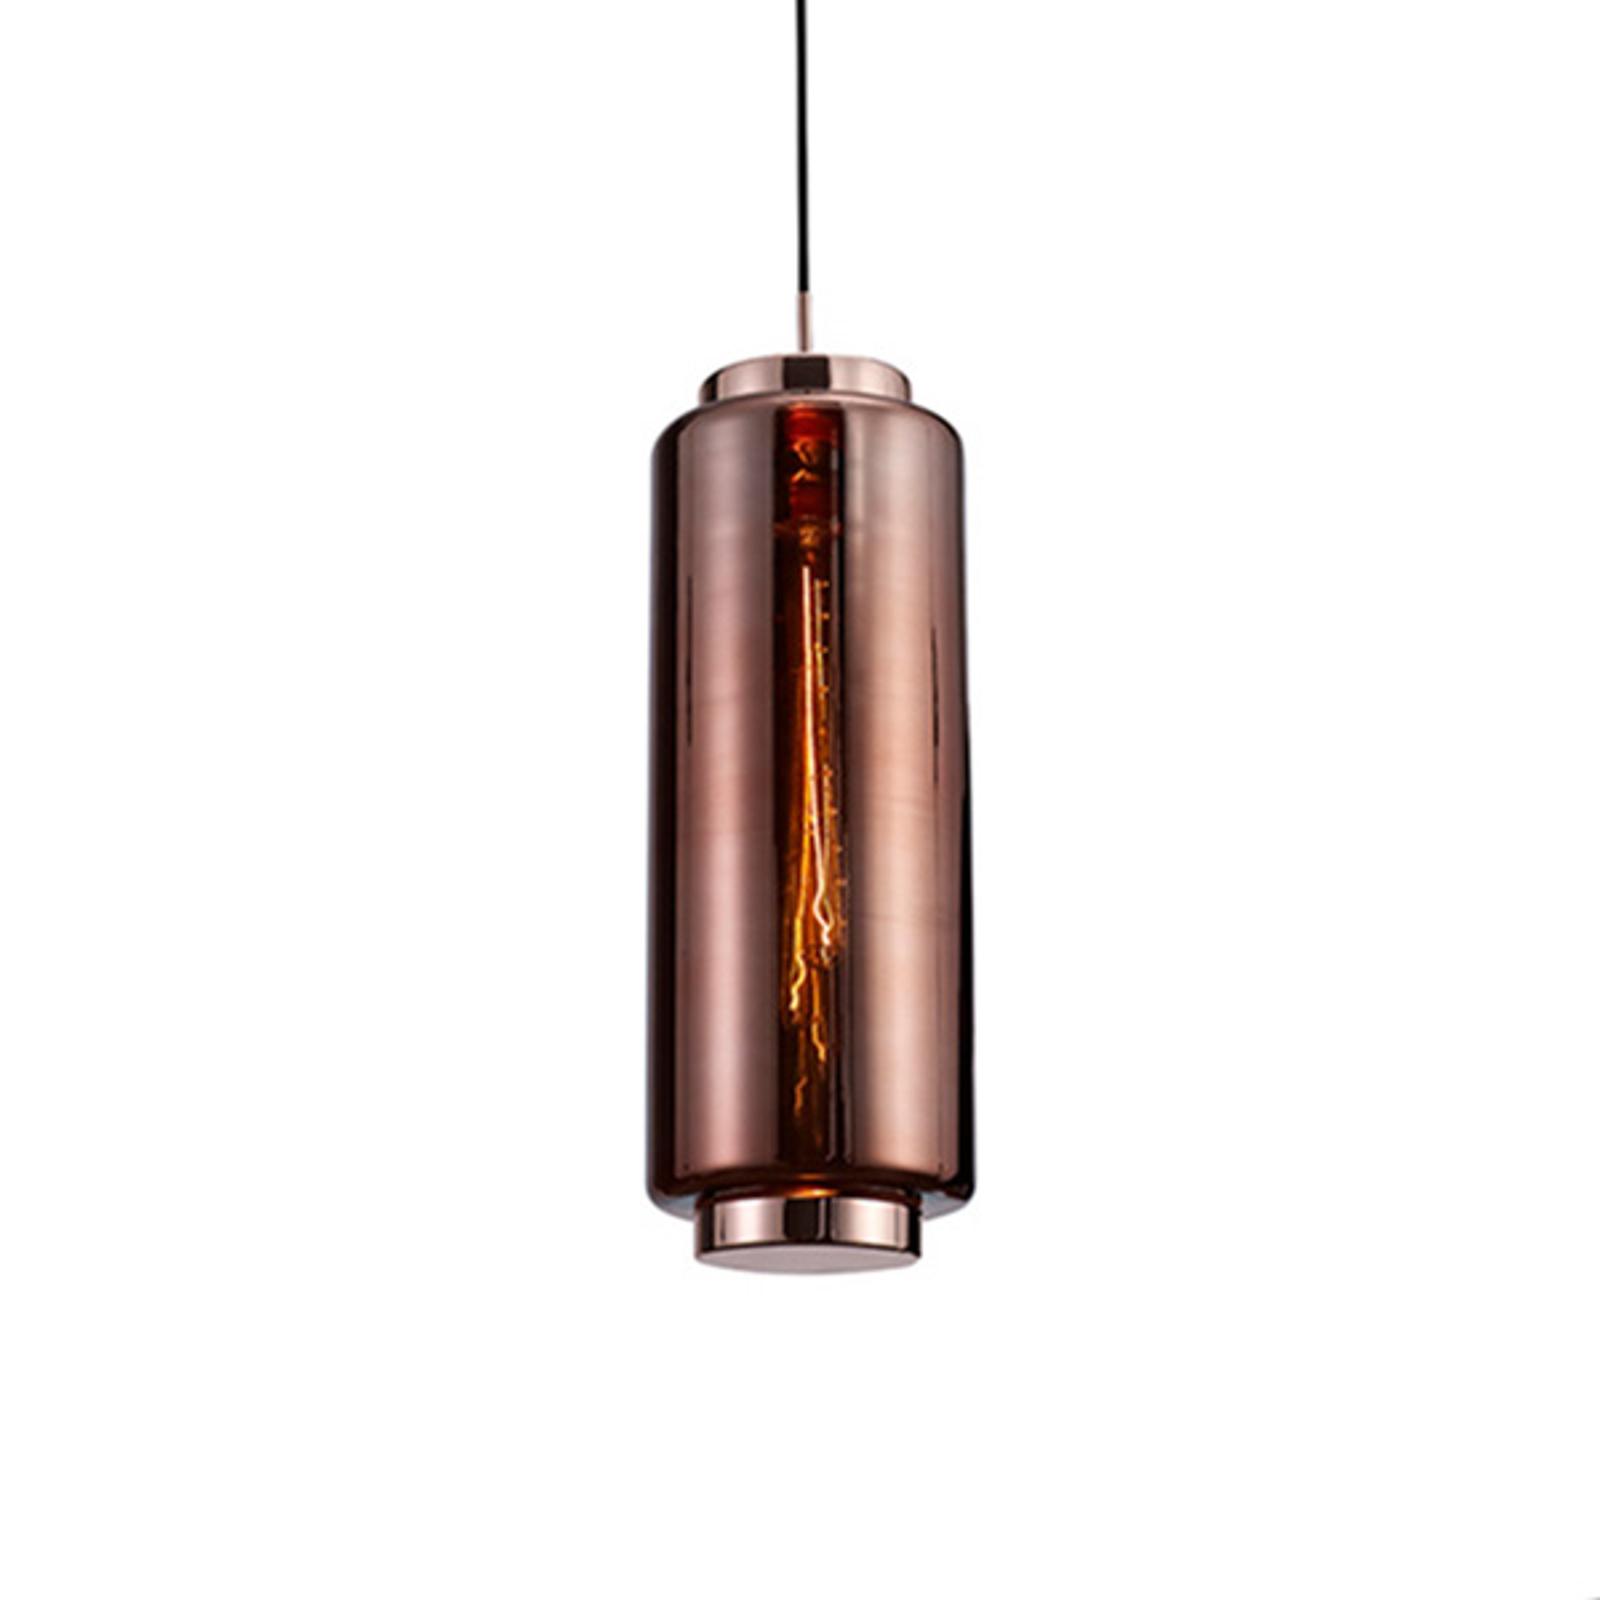 Szklana lampa wisząca Jarras, 53,5 cm, miedziana